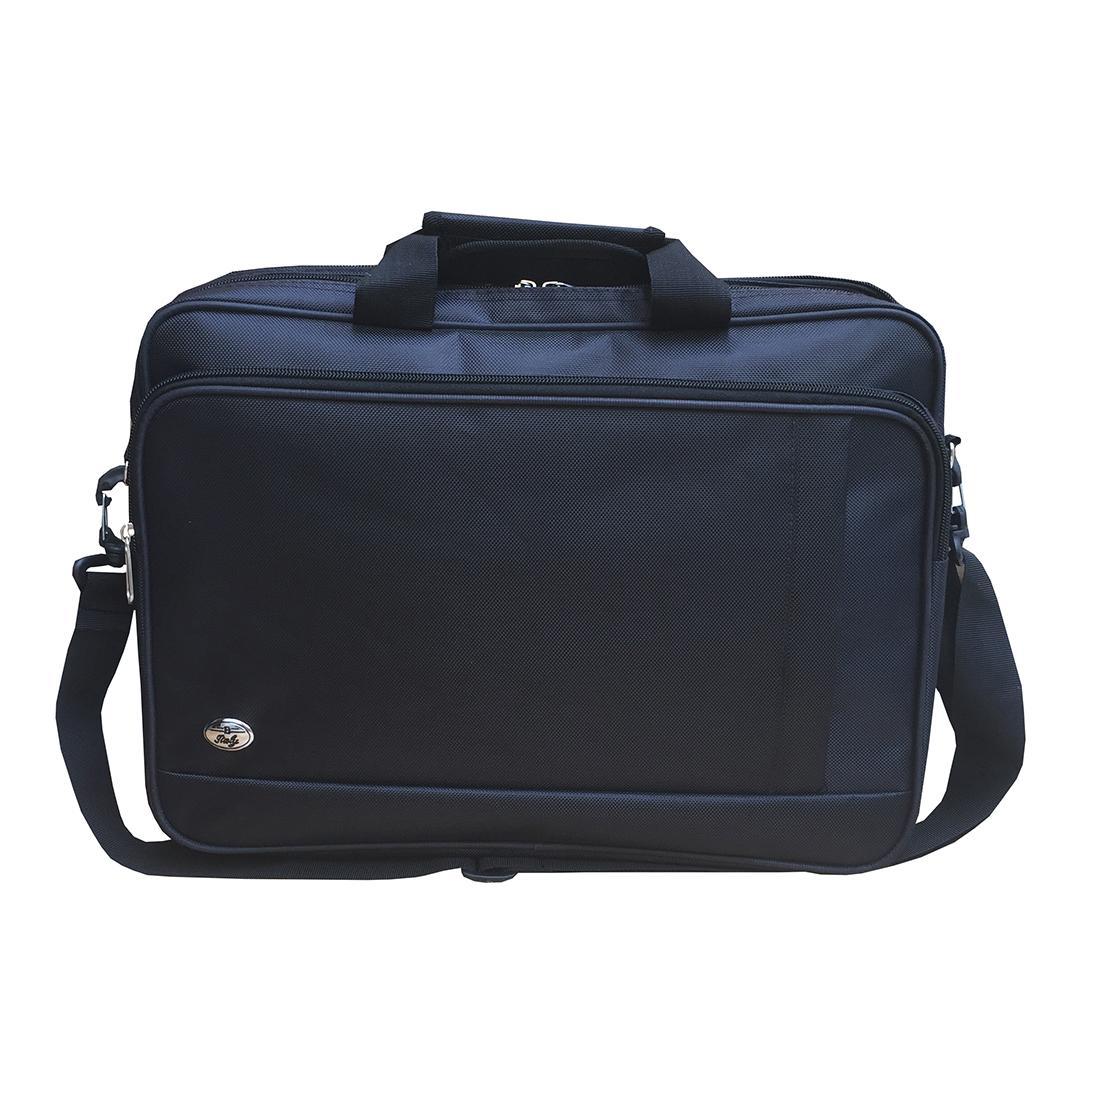 Cặp túi xách học sinh giáo viên công sở loại mới c58